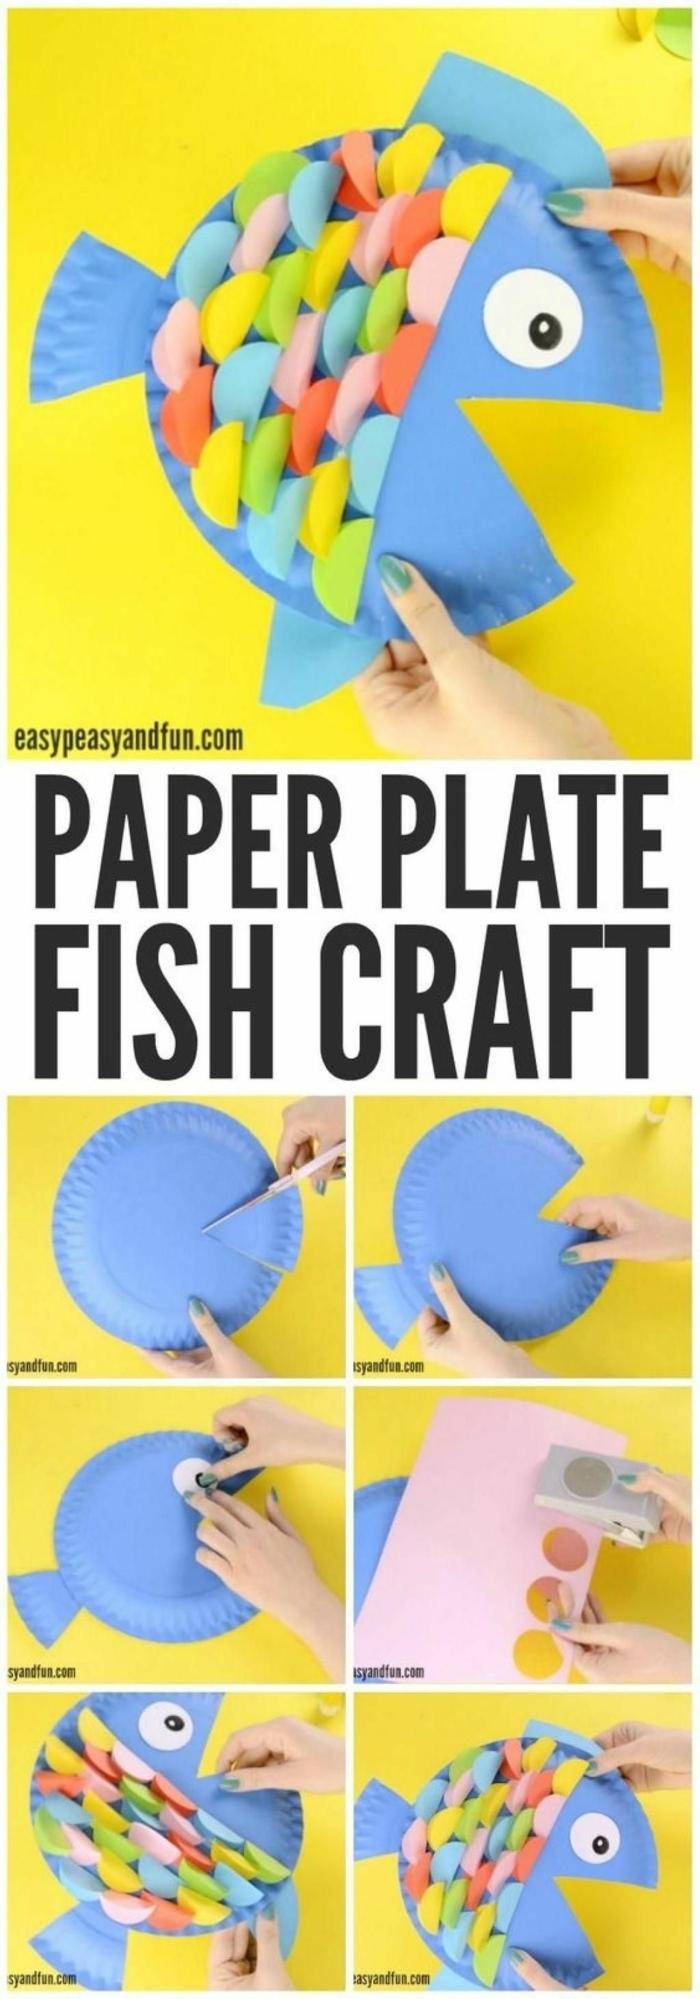 Fische basteln mit Kindern, DIY Anleitung, Hand bastelt blauen Fisch aus Pappteller